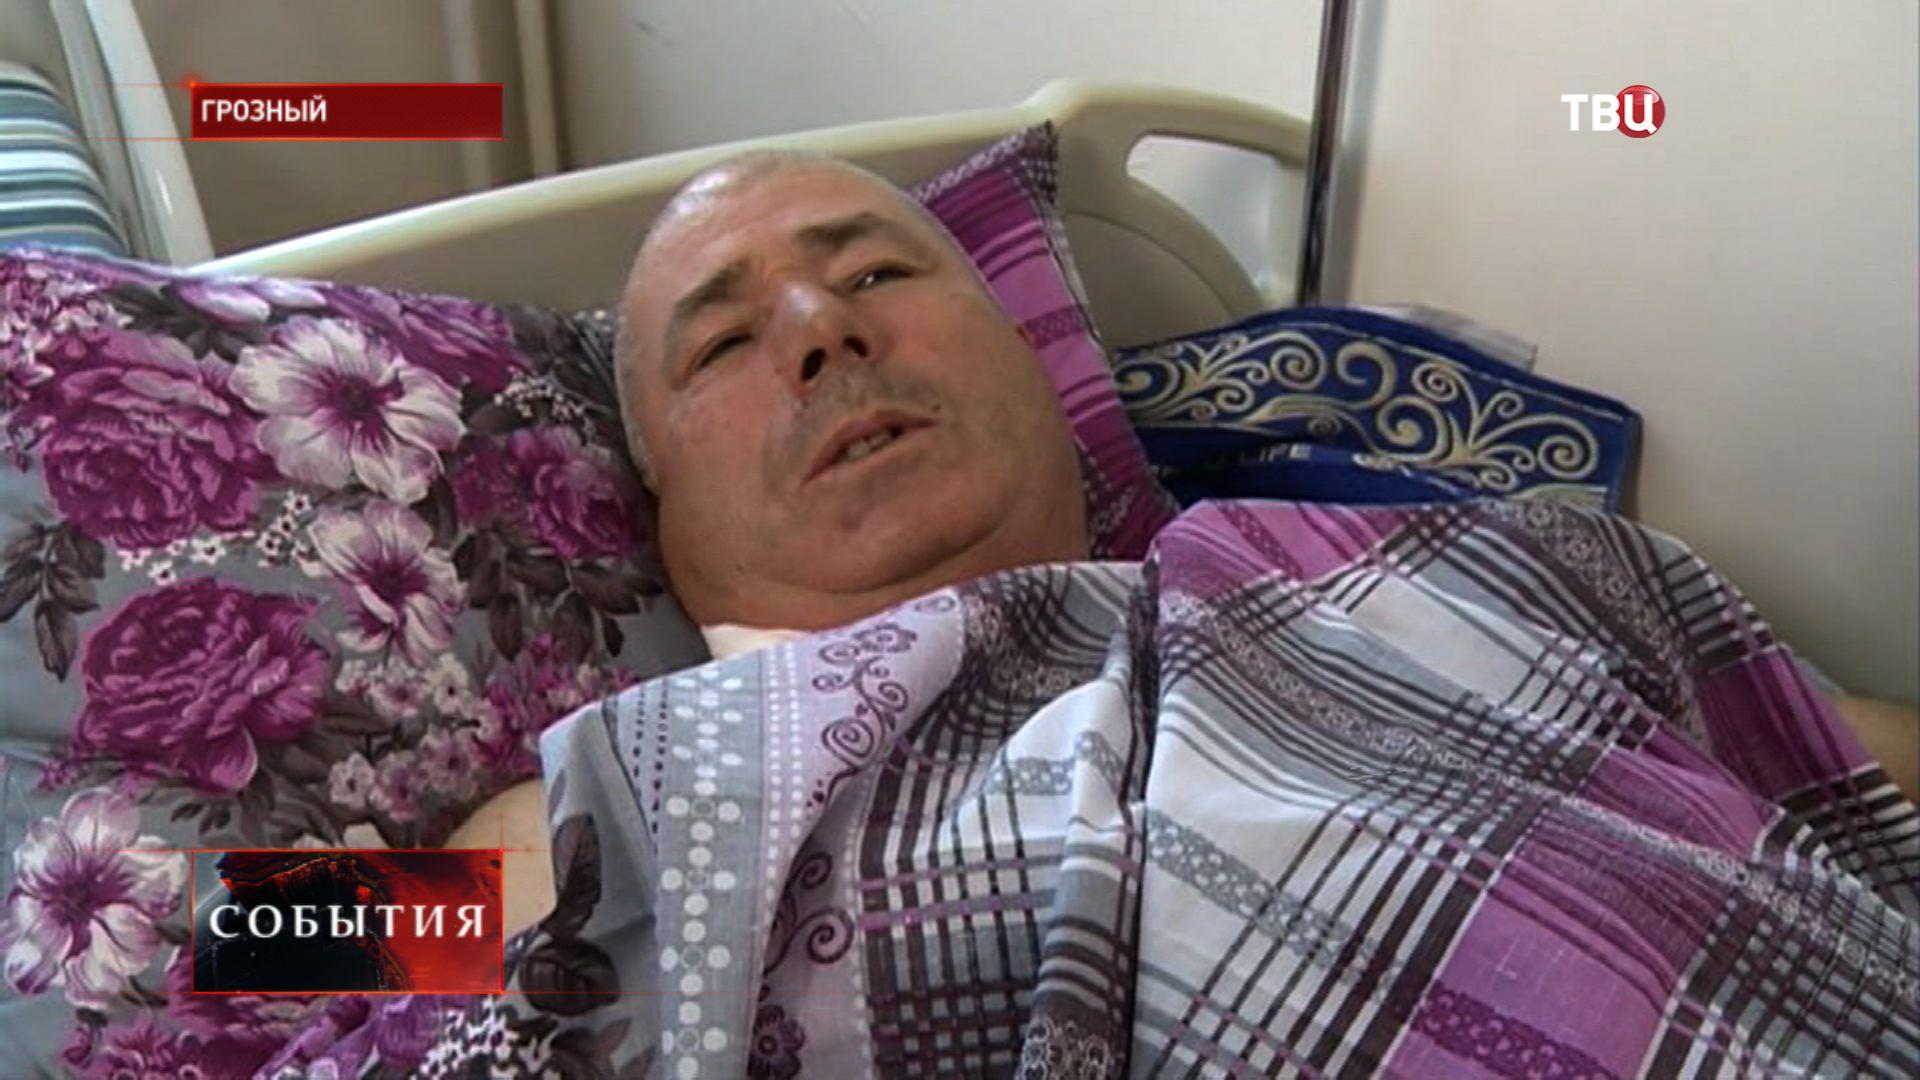 Главный врач Республиканской клинической больницы скорой помощи Мурад Дудаев